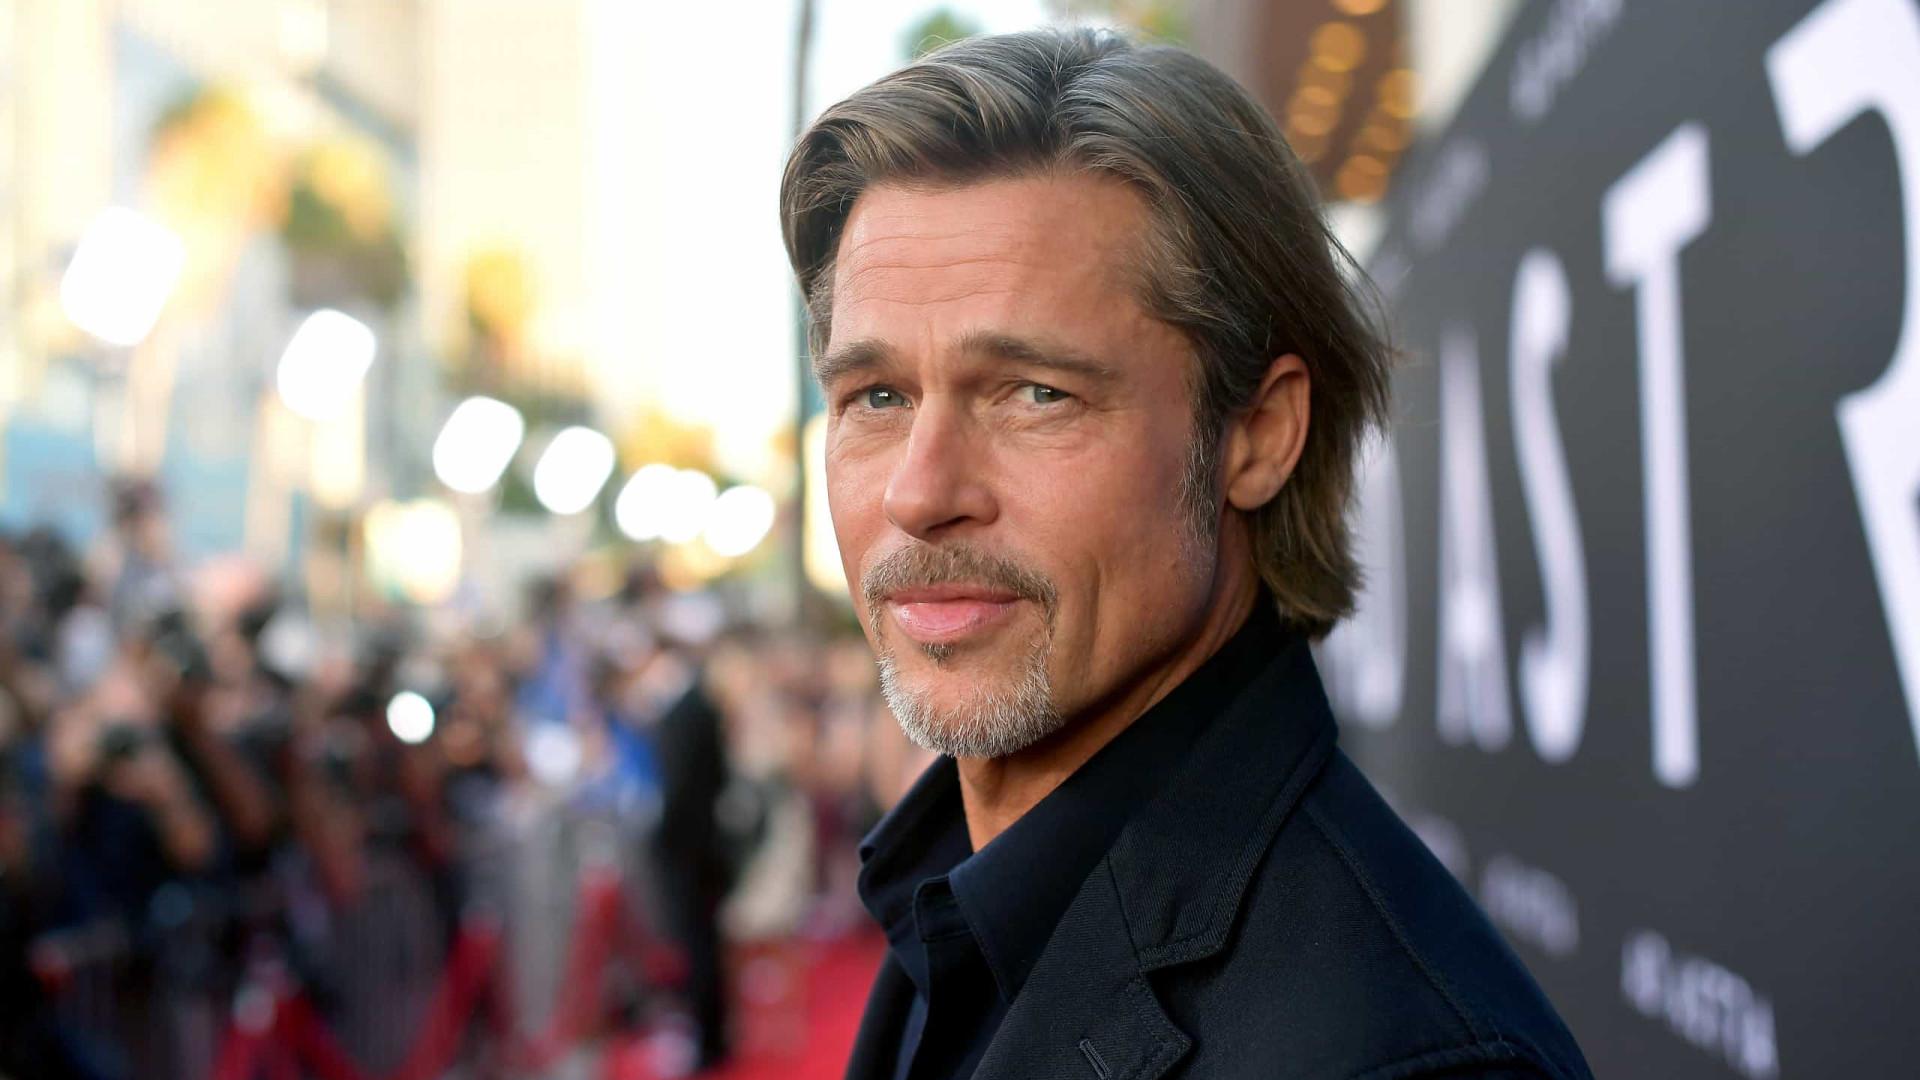 Mansão de Brad Pitt na Califórnia é colocada em risco em incêndio